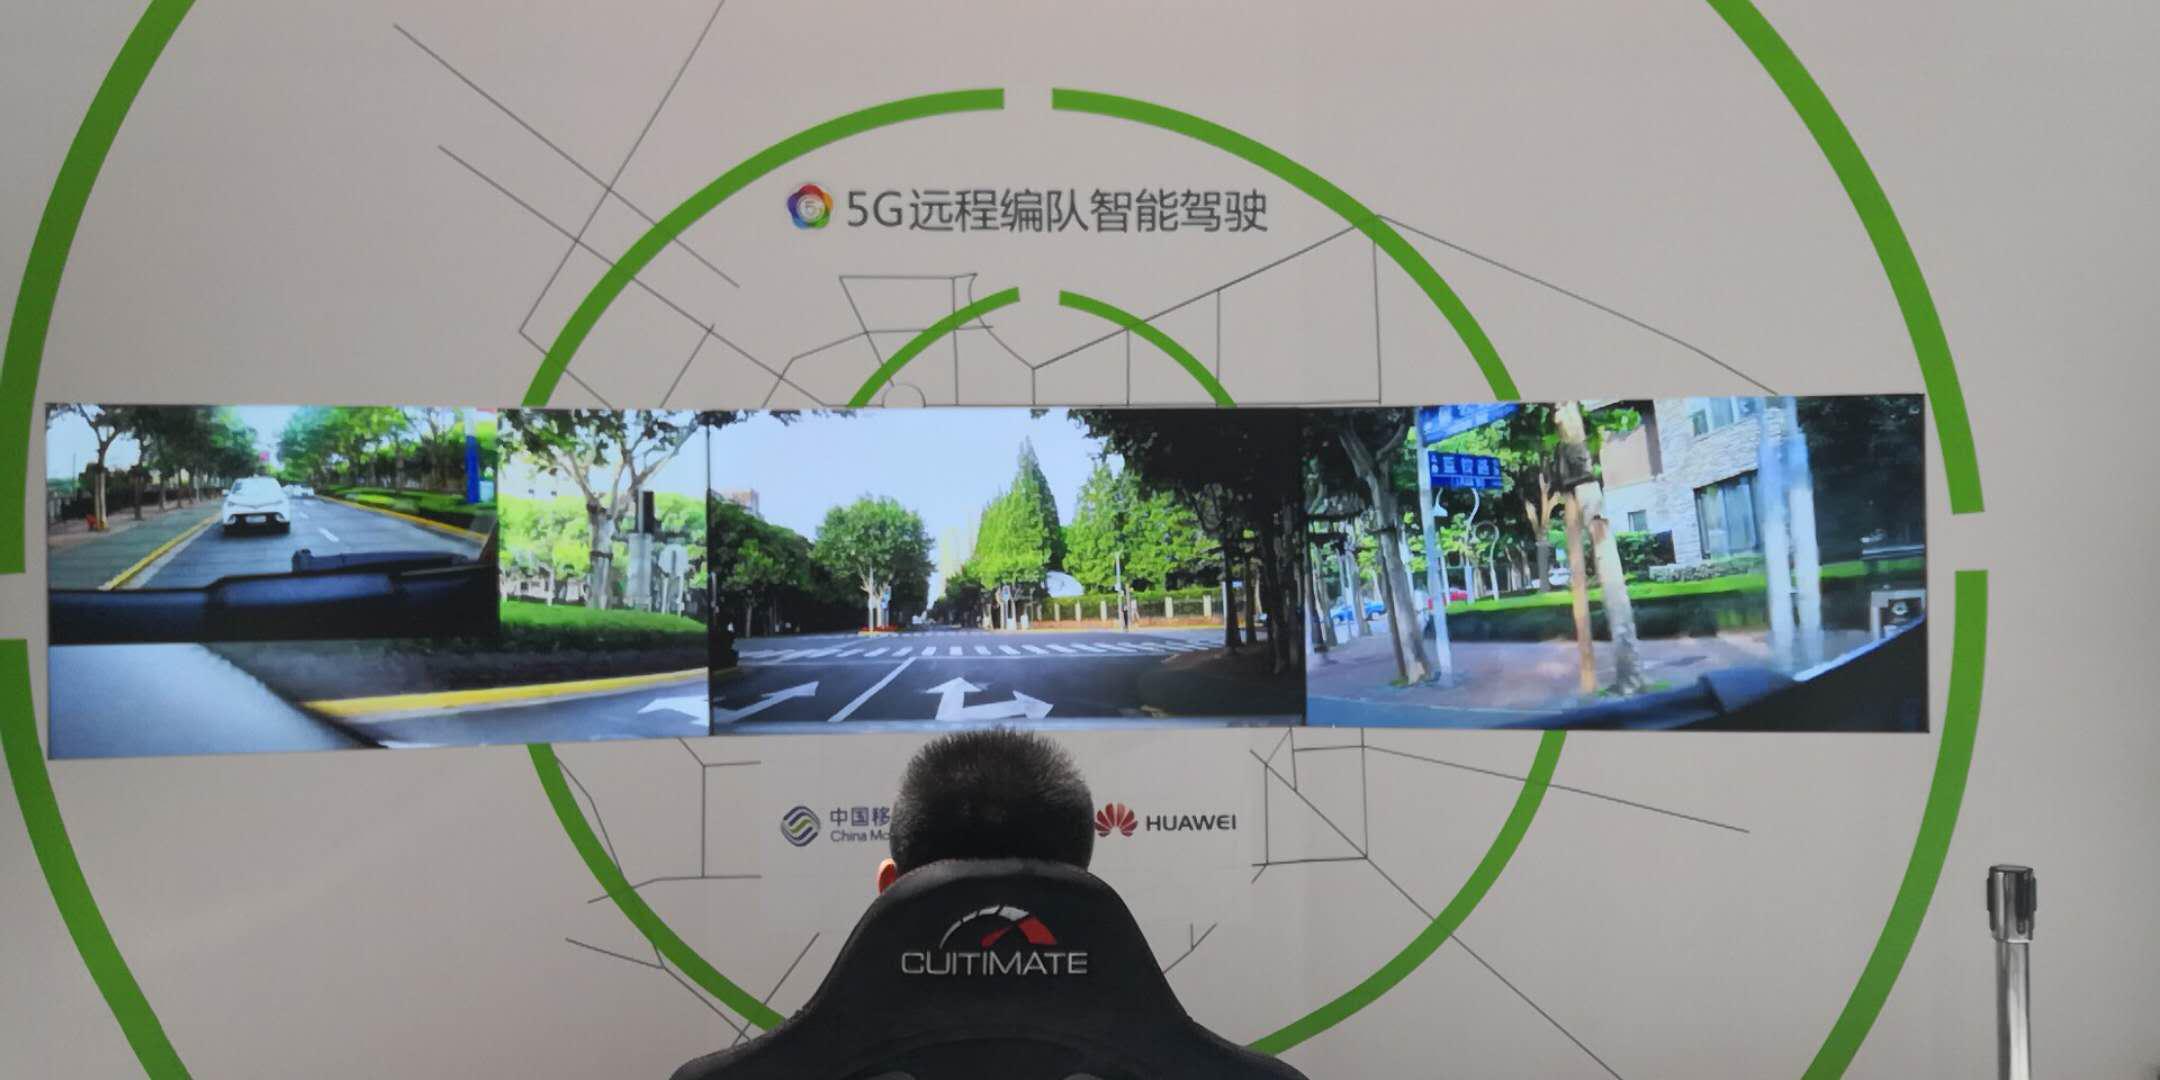 中国移动、上汽集团联合华为共同完成基于5G Era LTE的智能网联汽车应用演示